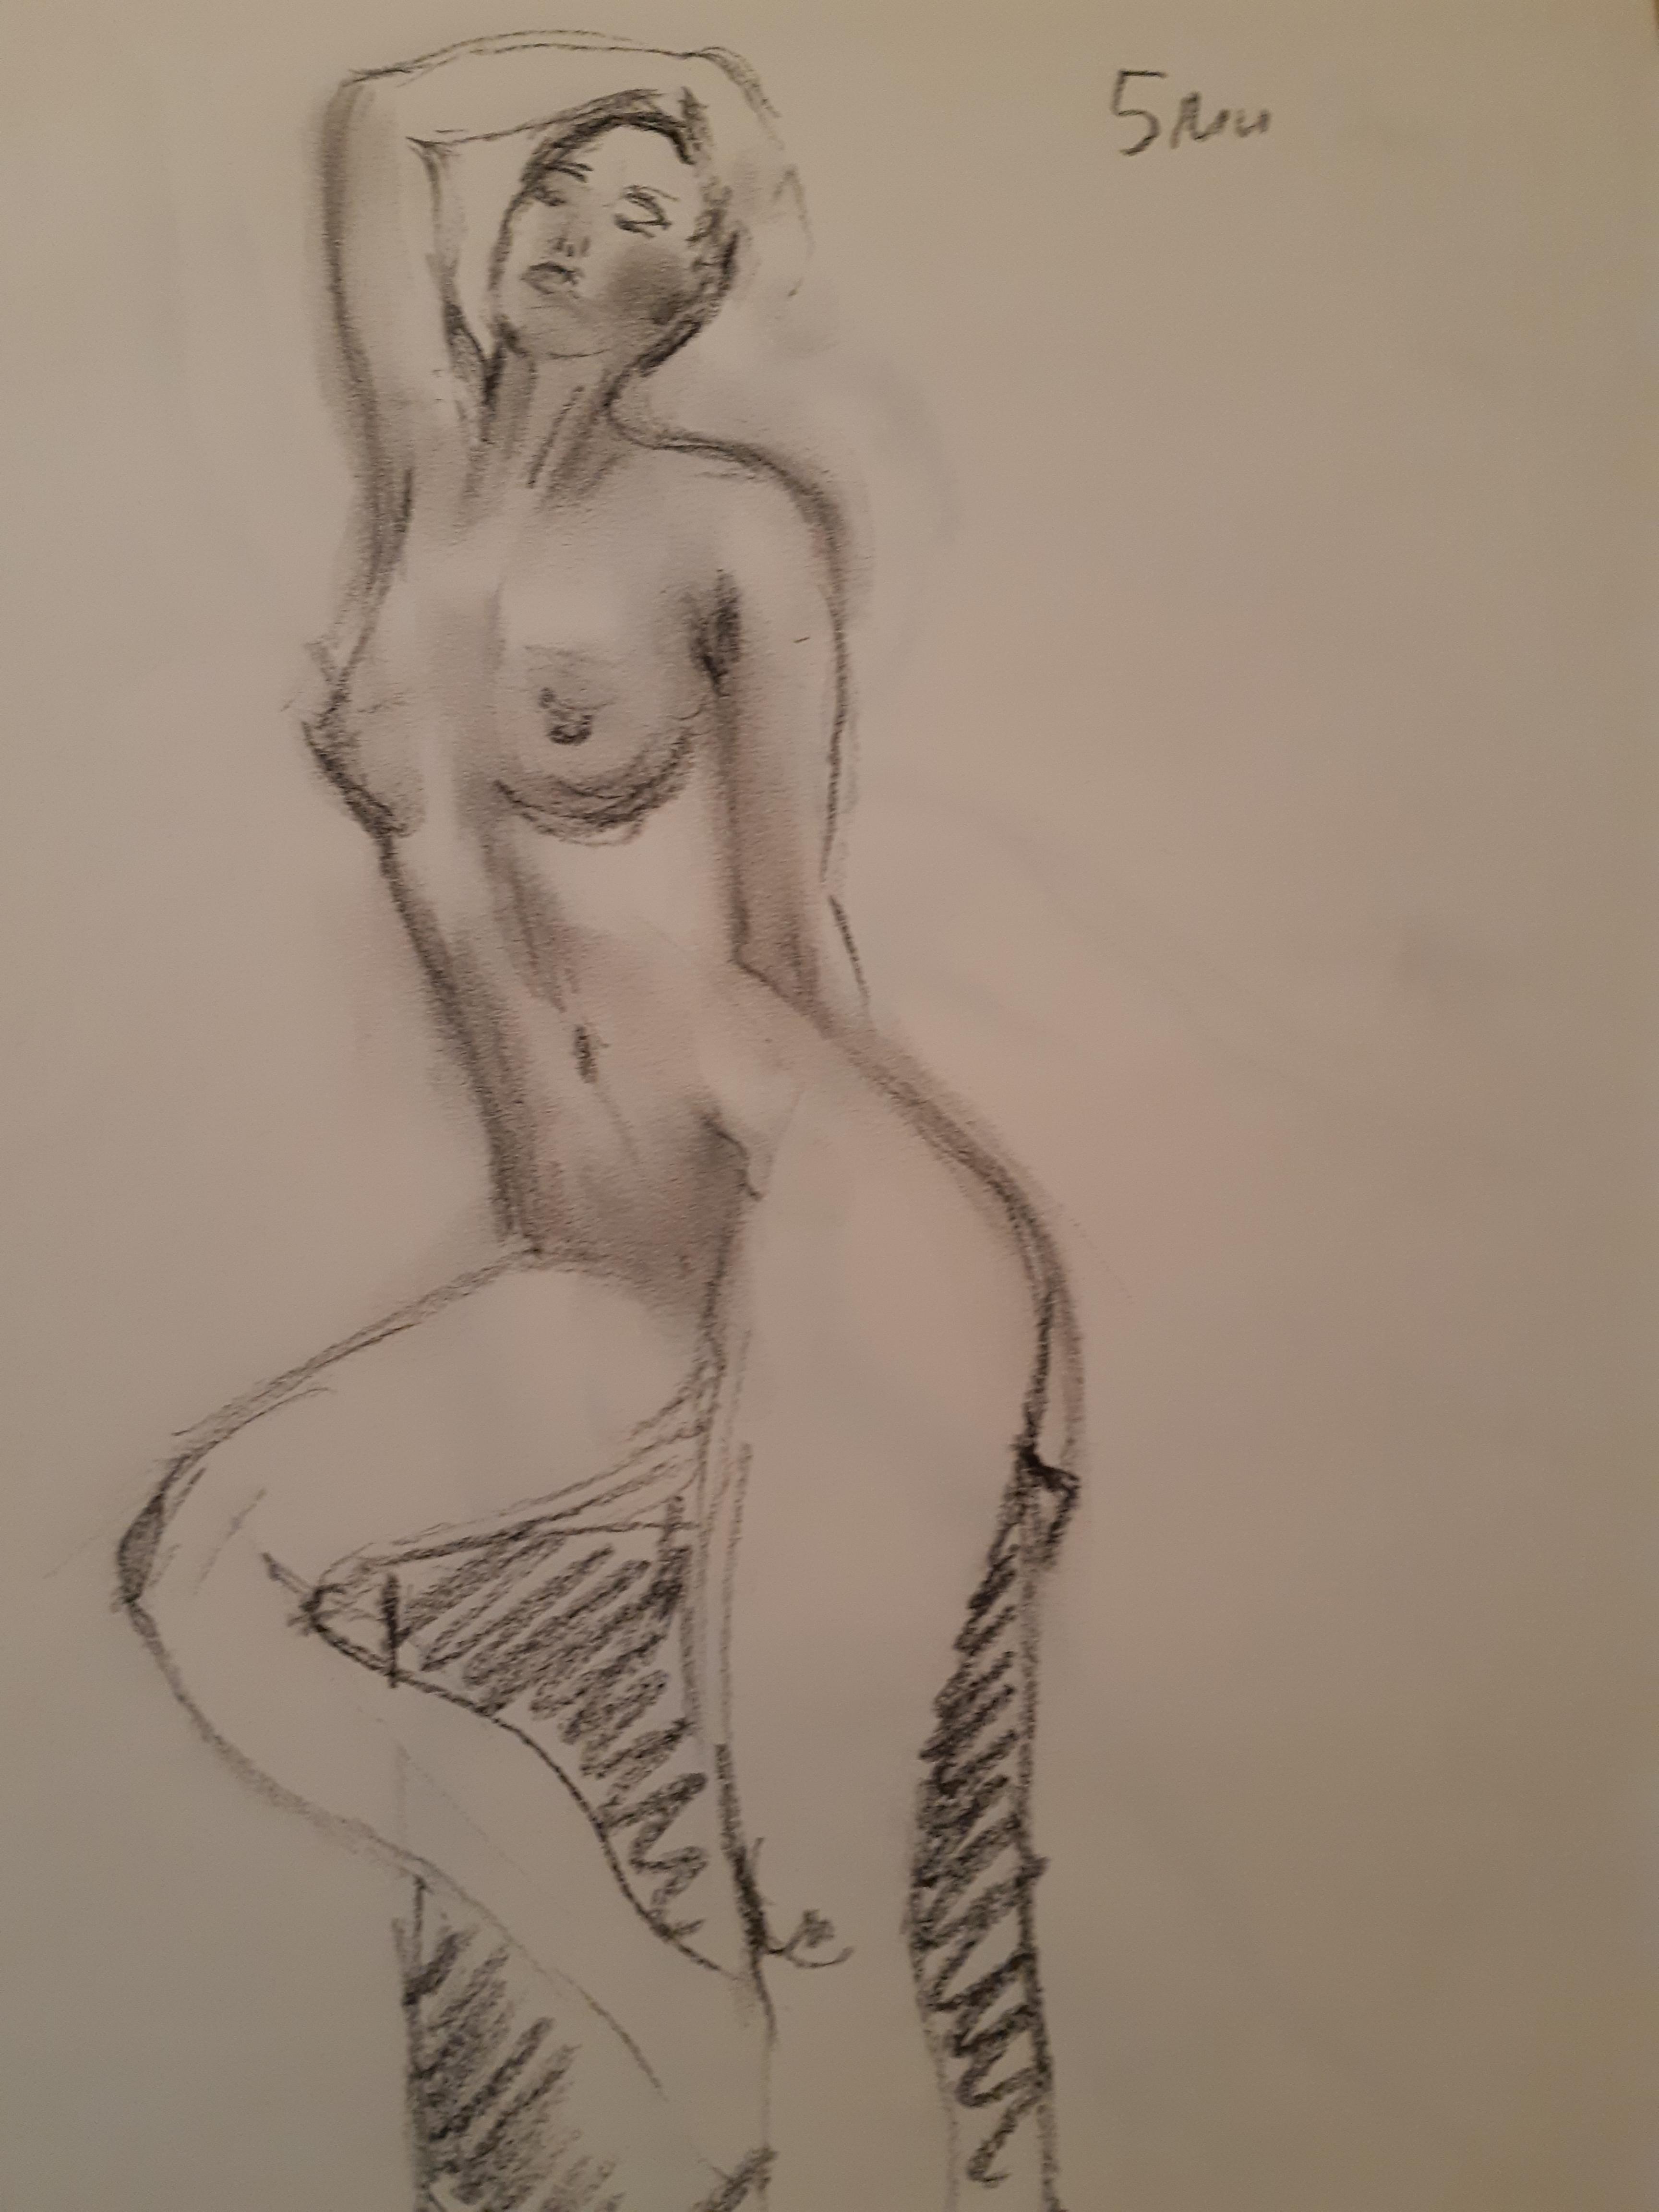 Dessin femme trois quarts face fusain estompent  cours de dessin